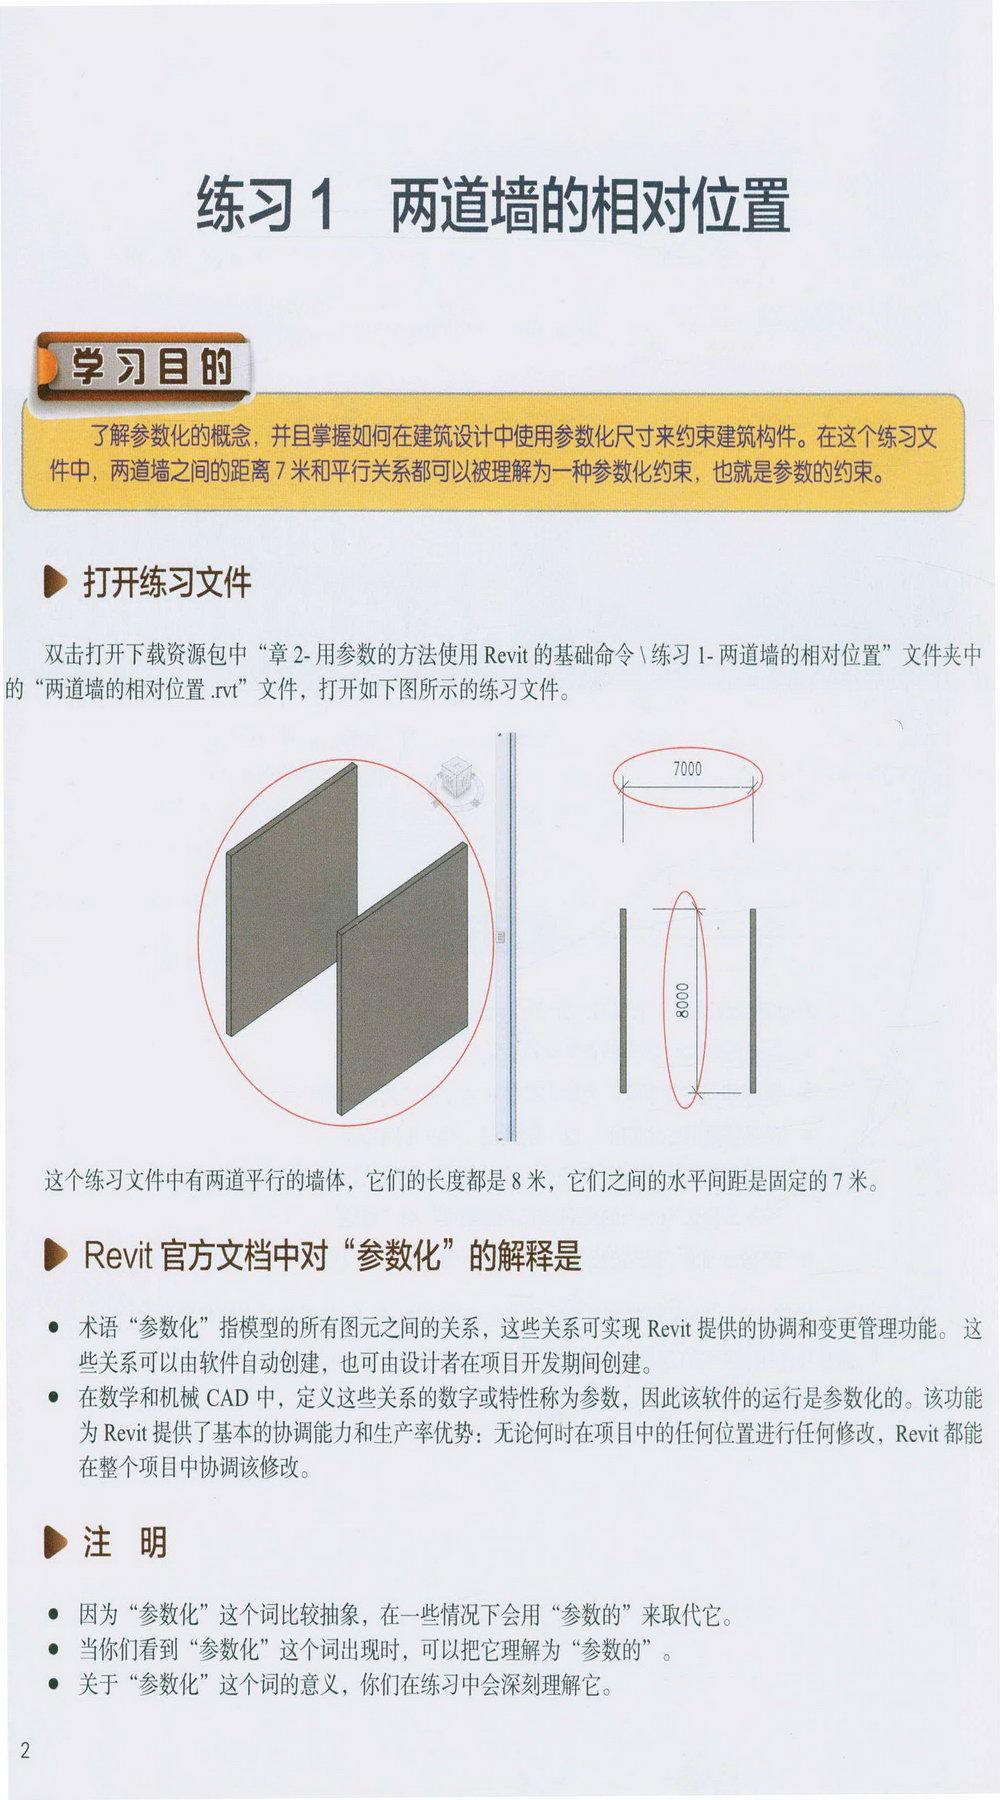 http://im2.book.com.tw/image/getImage?i=http://www.books.com.tw/img/CN1/140/46/CN11404623_b_01.jpg&v=5894eb5d&w=655&h=609